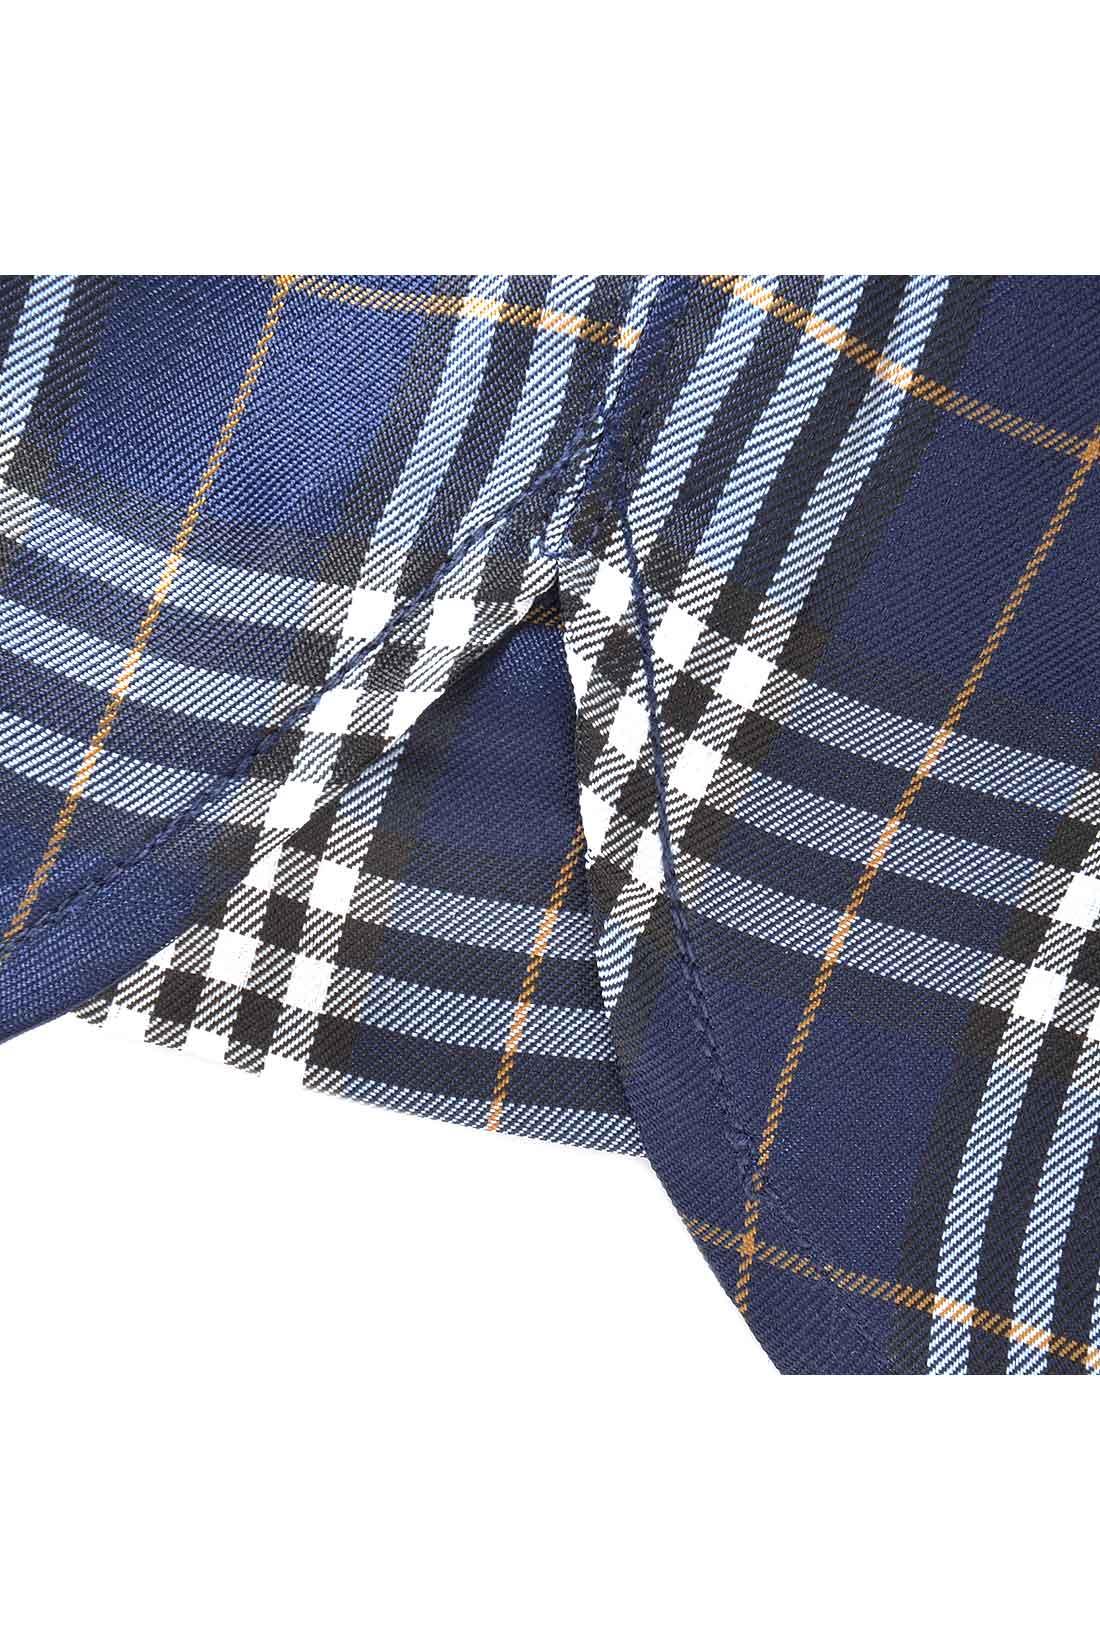 前開きのボタン仕様、サイドのガゼットなど、シャツのディテールを随所に盛り込んだ本格仕立て。